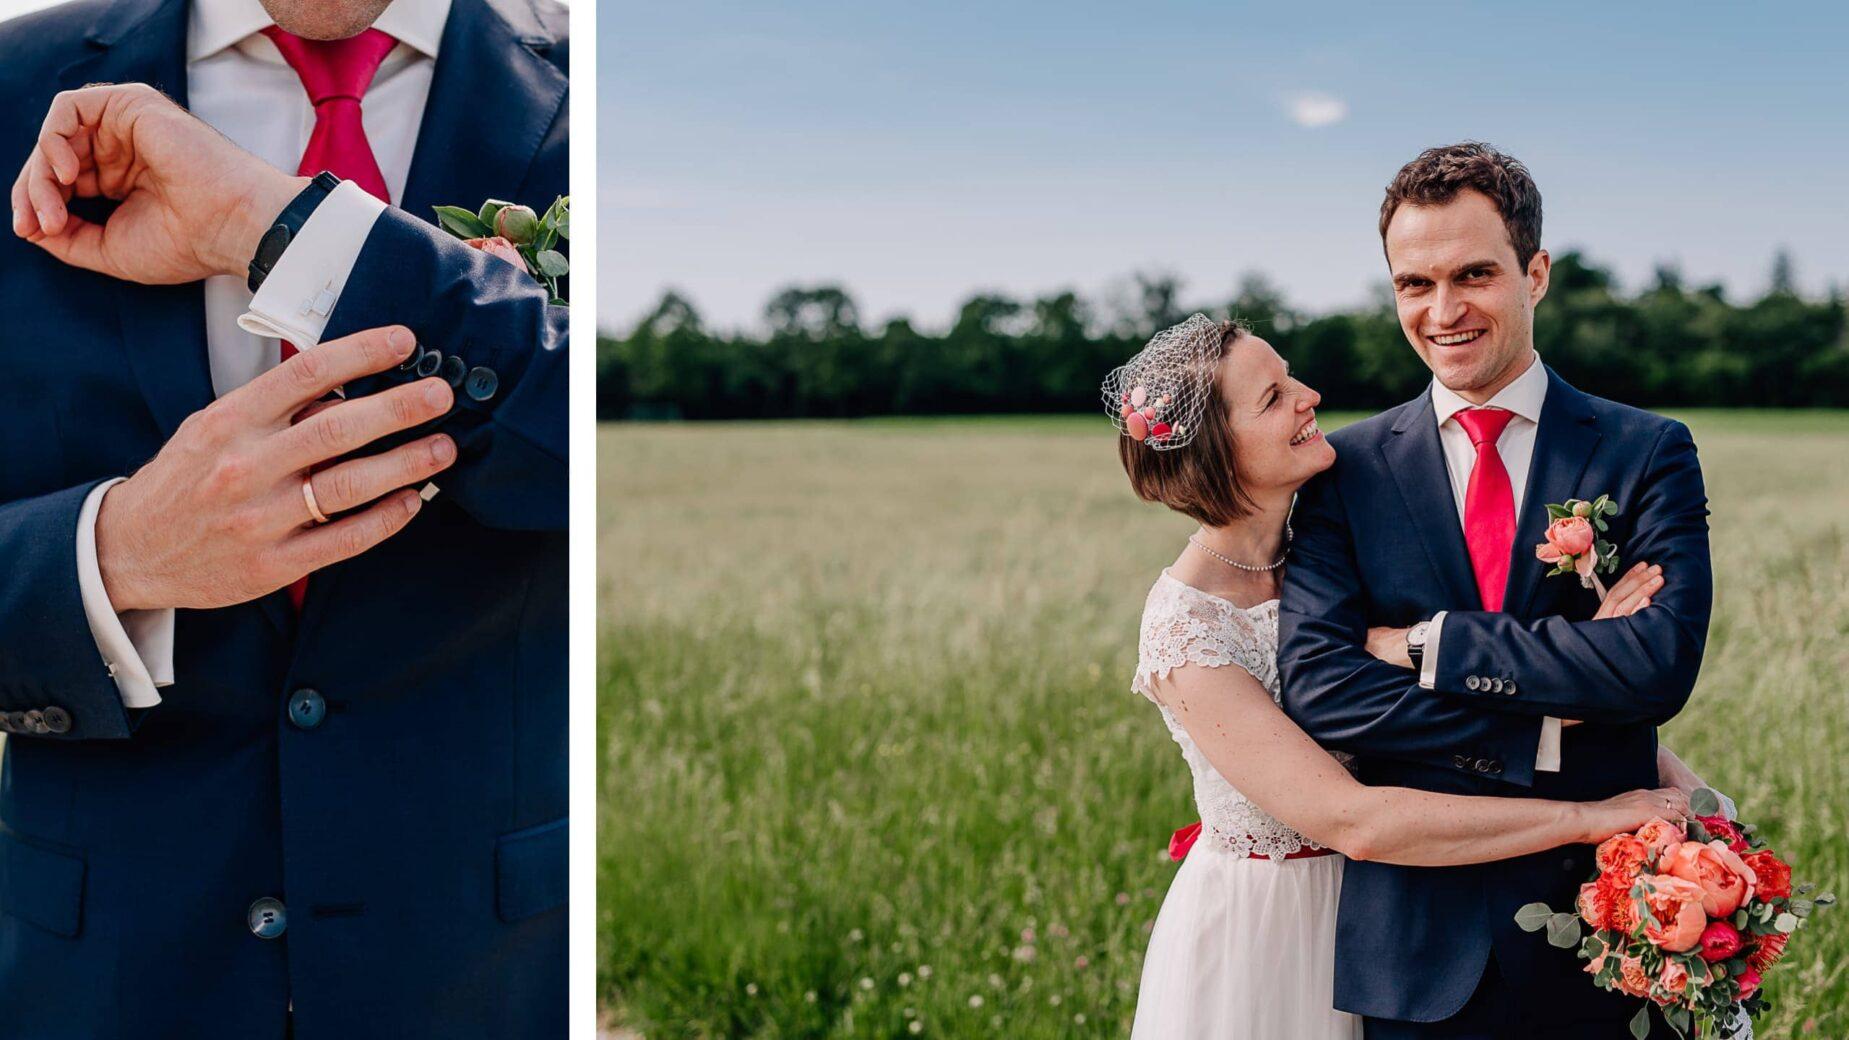 Hochzeitsreportage im Süden Münchens, Hof Nr. 6, Hochzeitsfotos auf dem Land, professionelle Hochzeitsbilder von Jung und Wild design rund um München, Ingolstadt, Pfaffenhofen, Augsburg